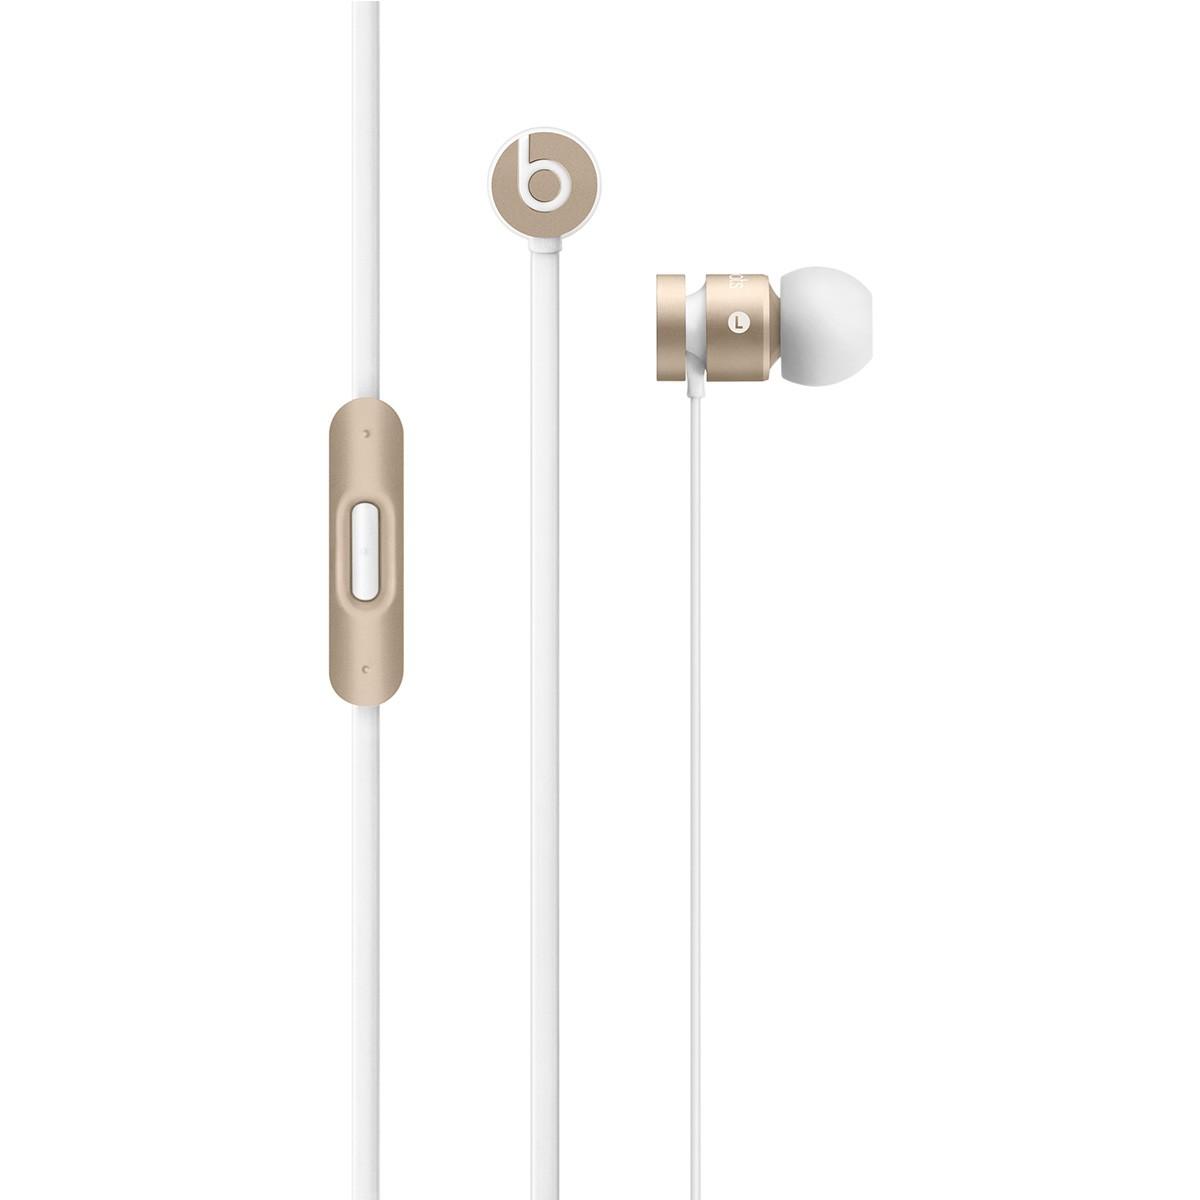 Sluchátka do uší Beats by Dr. Dre urBeats, zlatá